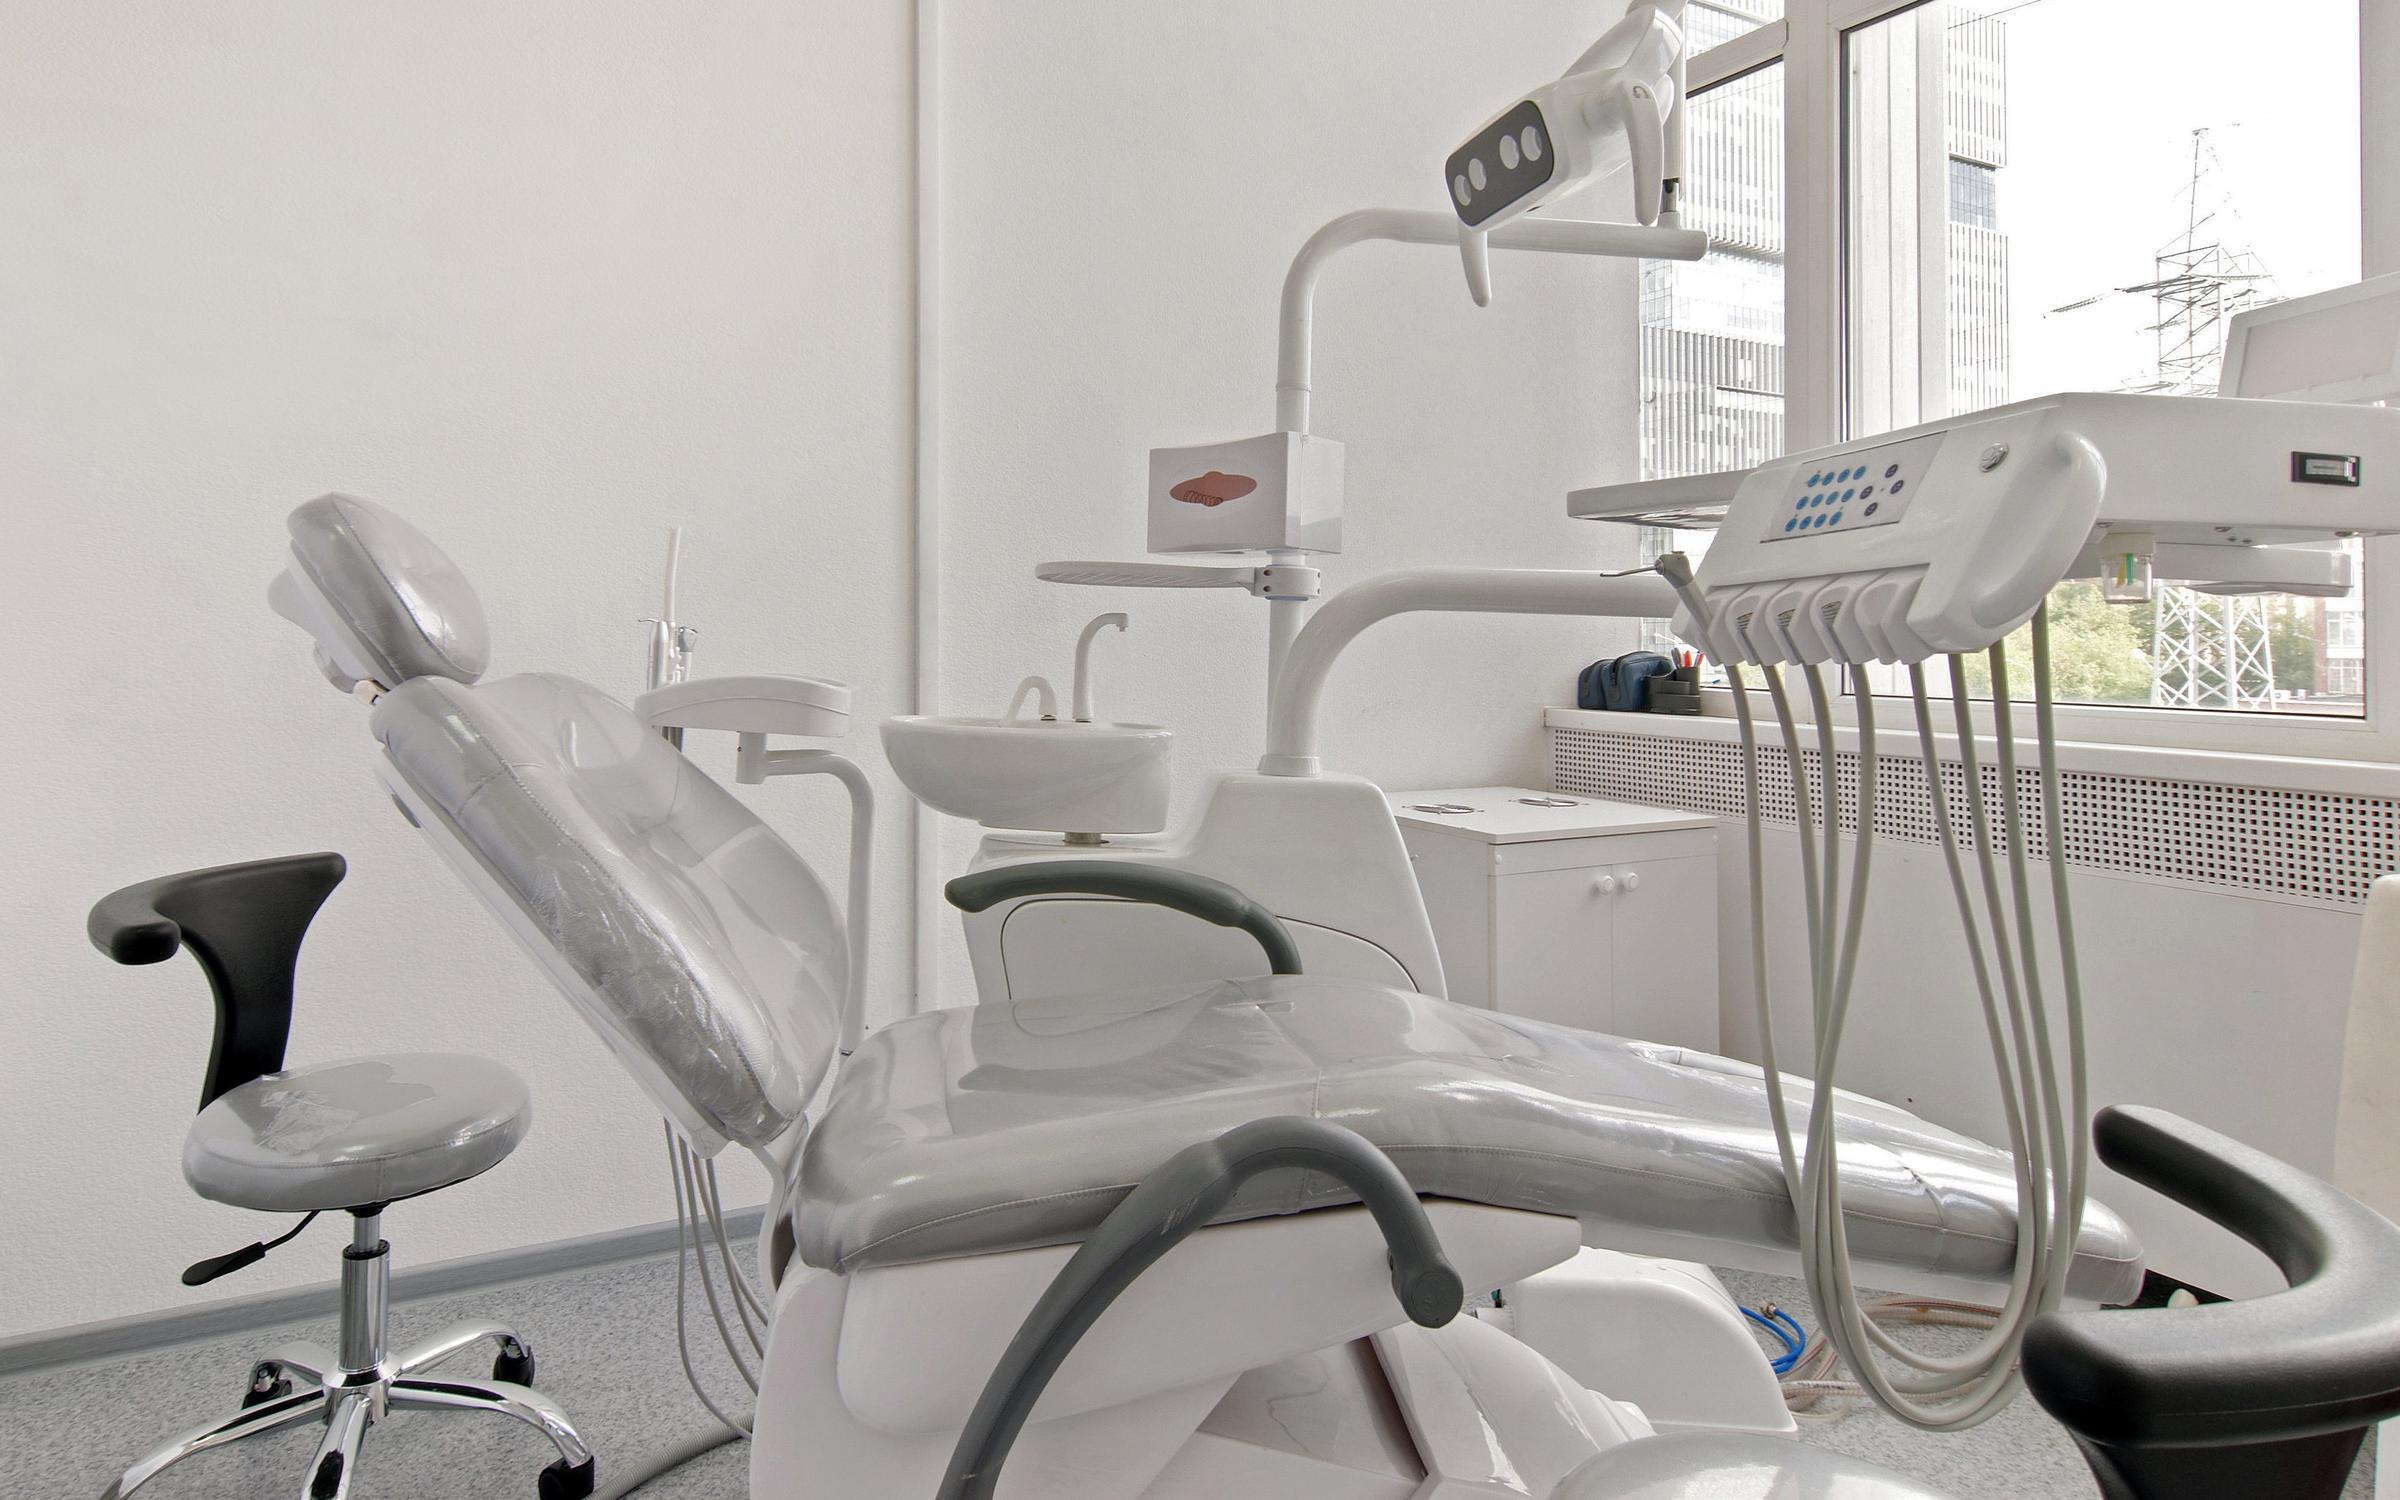 фотография Медицинского центра Медком на Кронштадтском бульваре